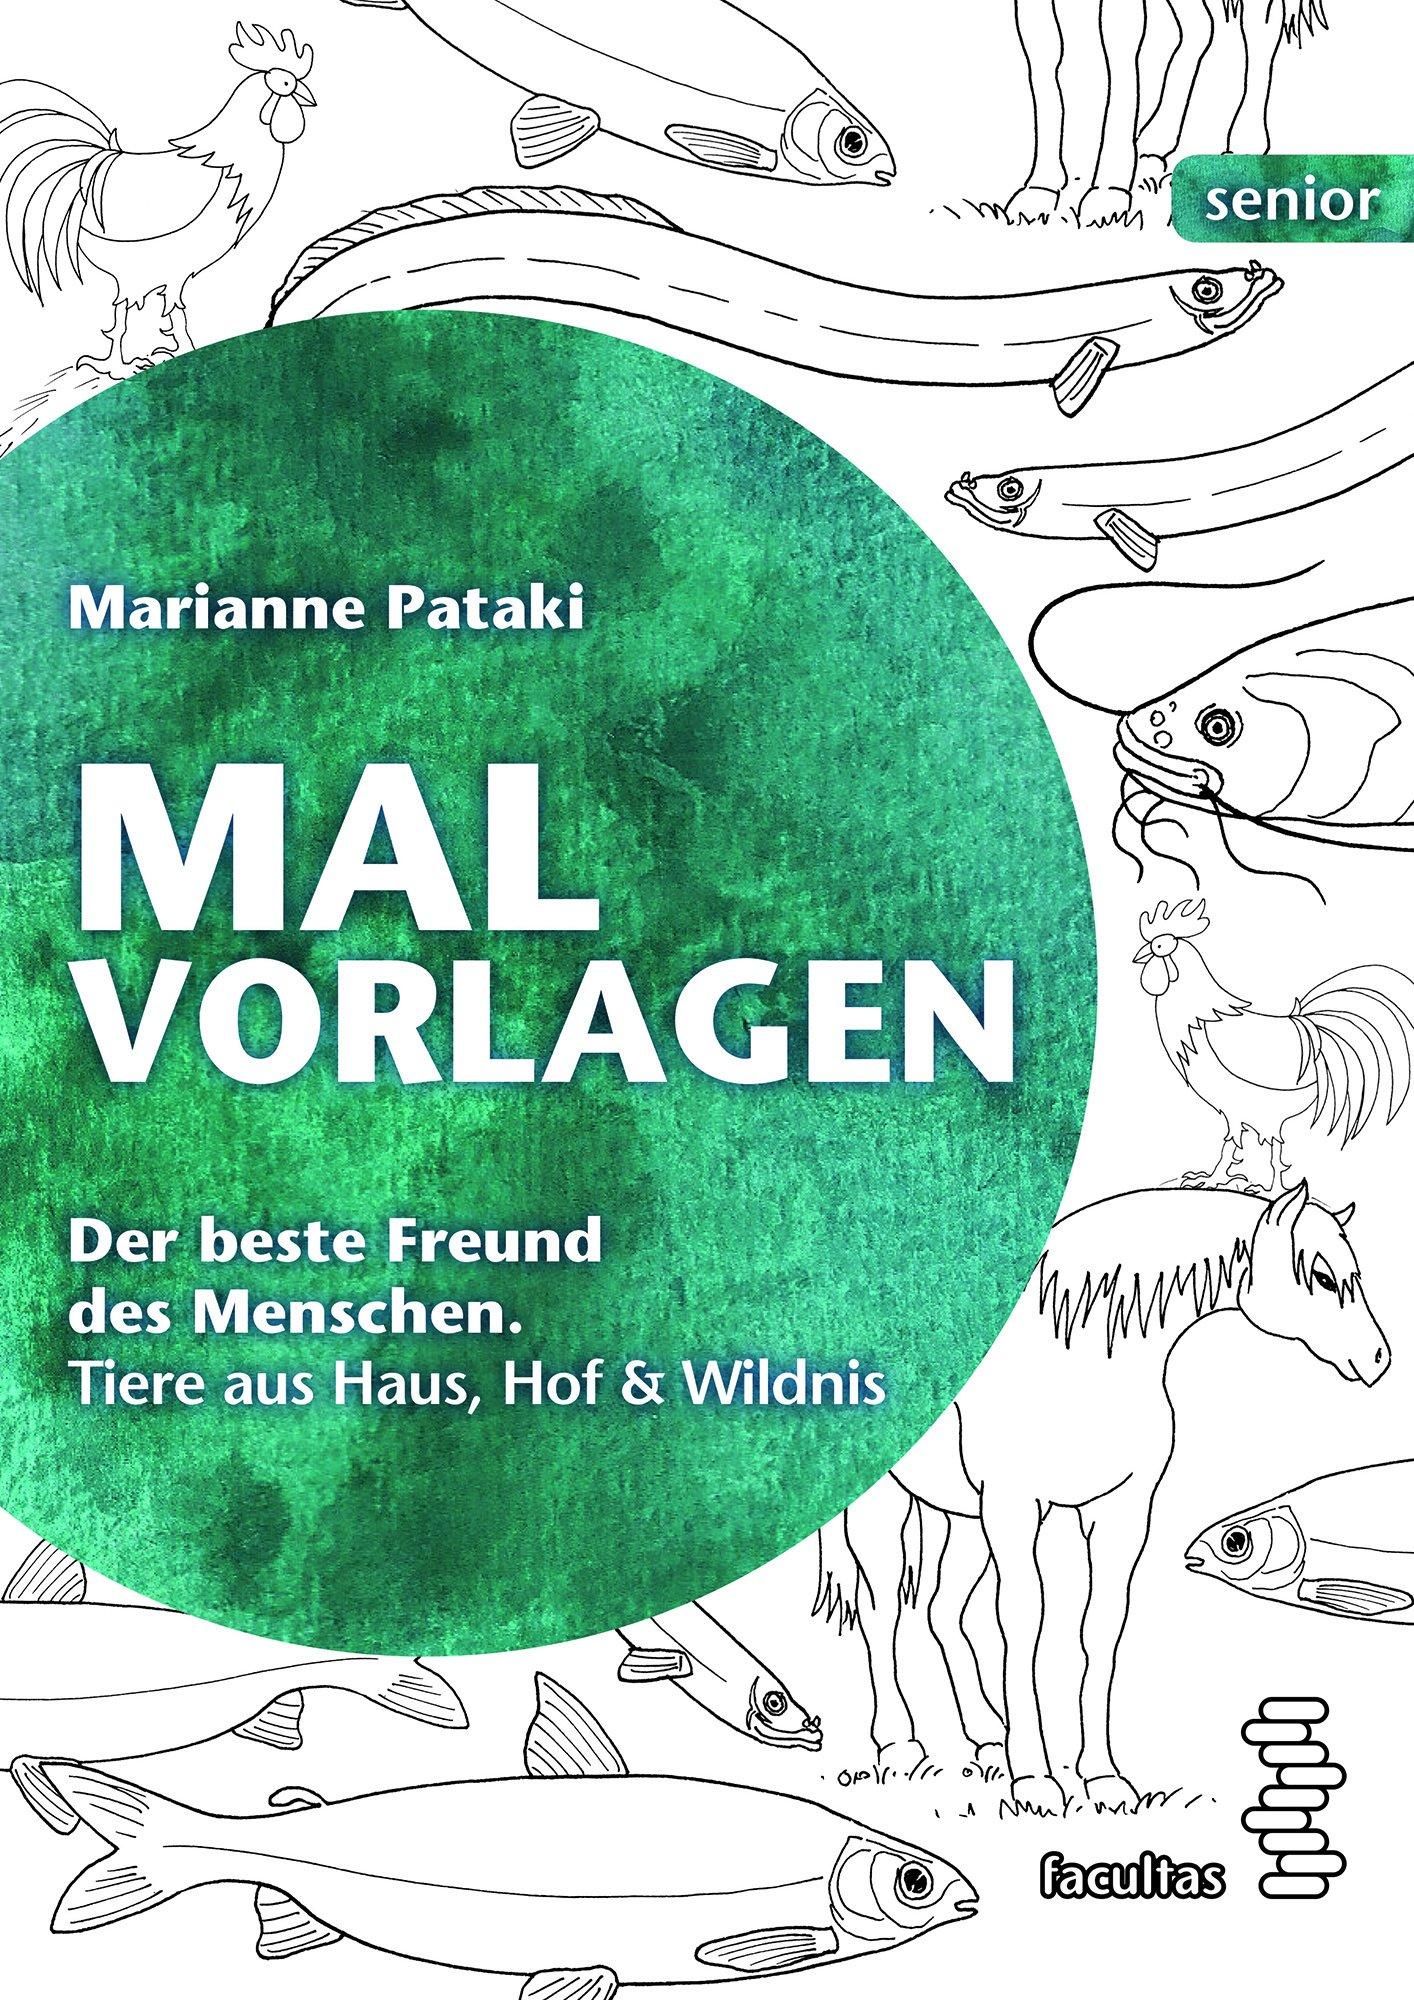 Großzügig Realistische Menschen Malvorlagen Galerie - Malvorlagen ...